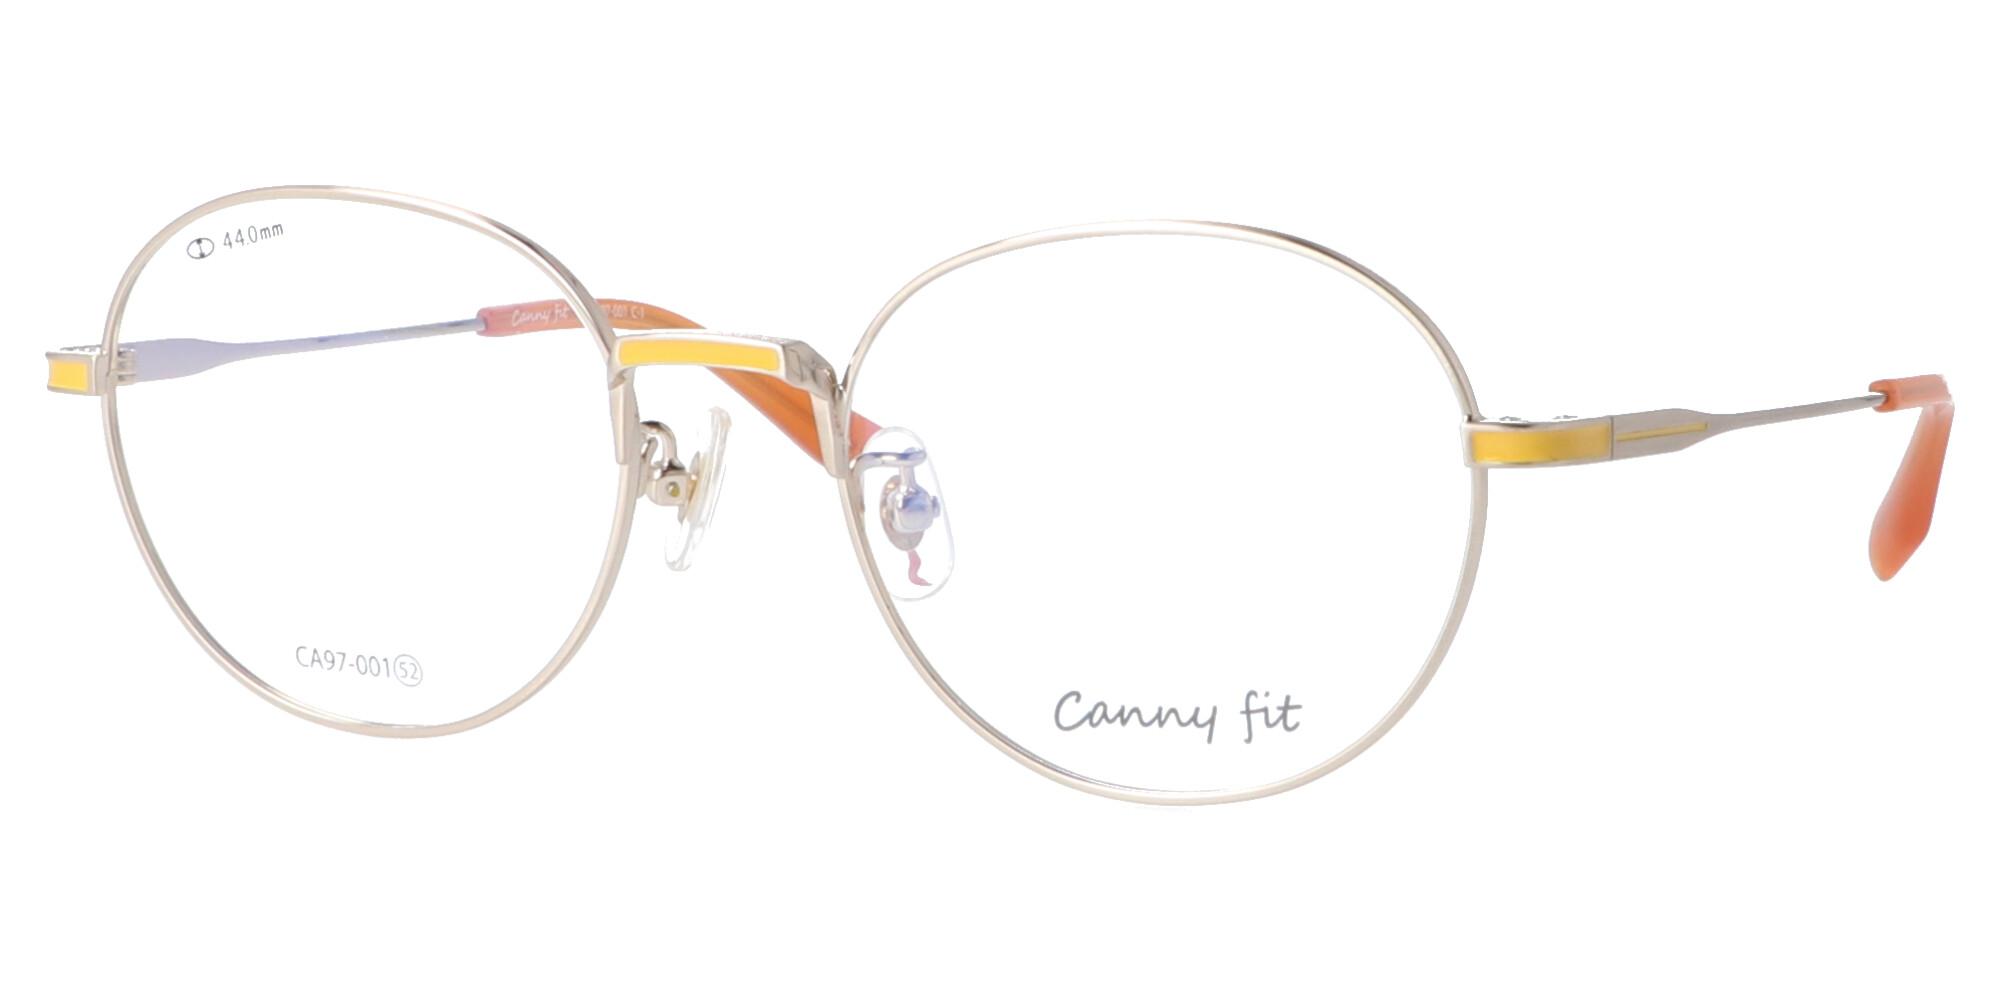 キャニーフィット CA97-001_52_シャーリングホワイトゴールド